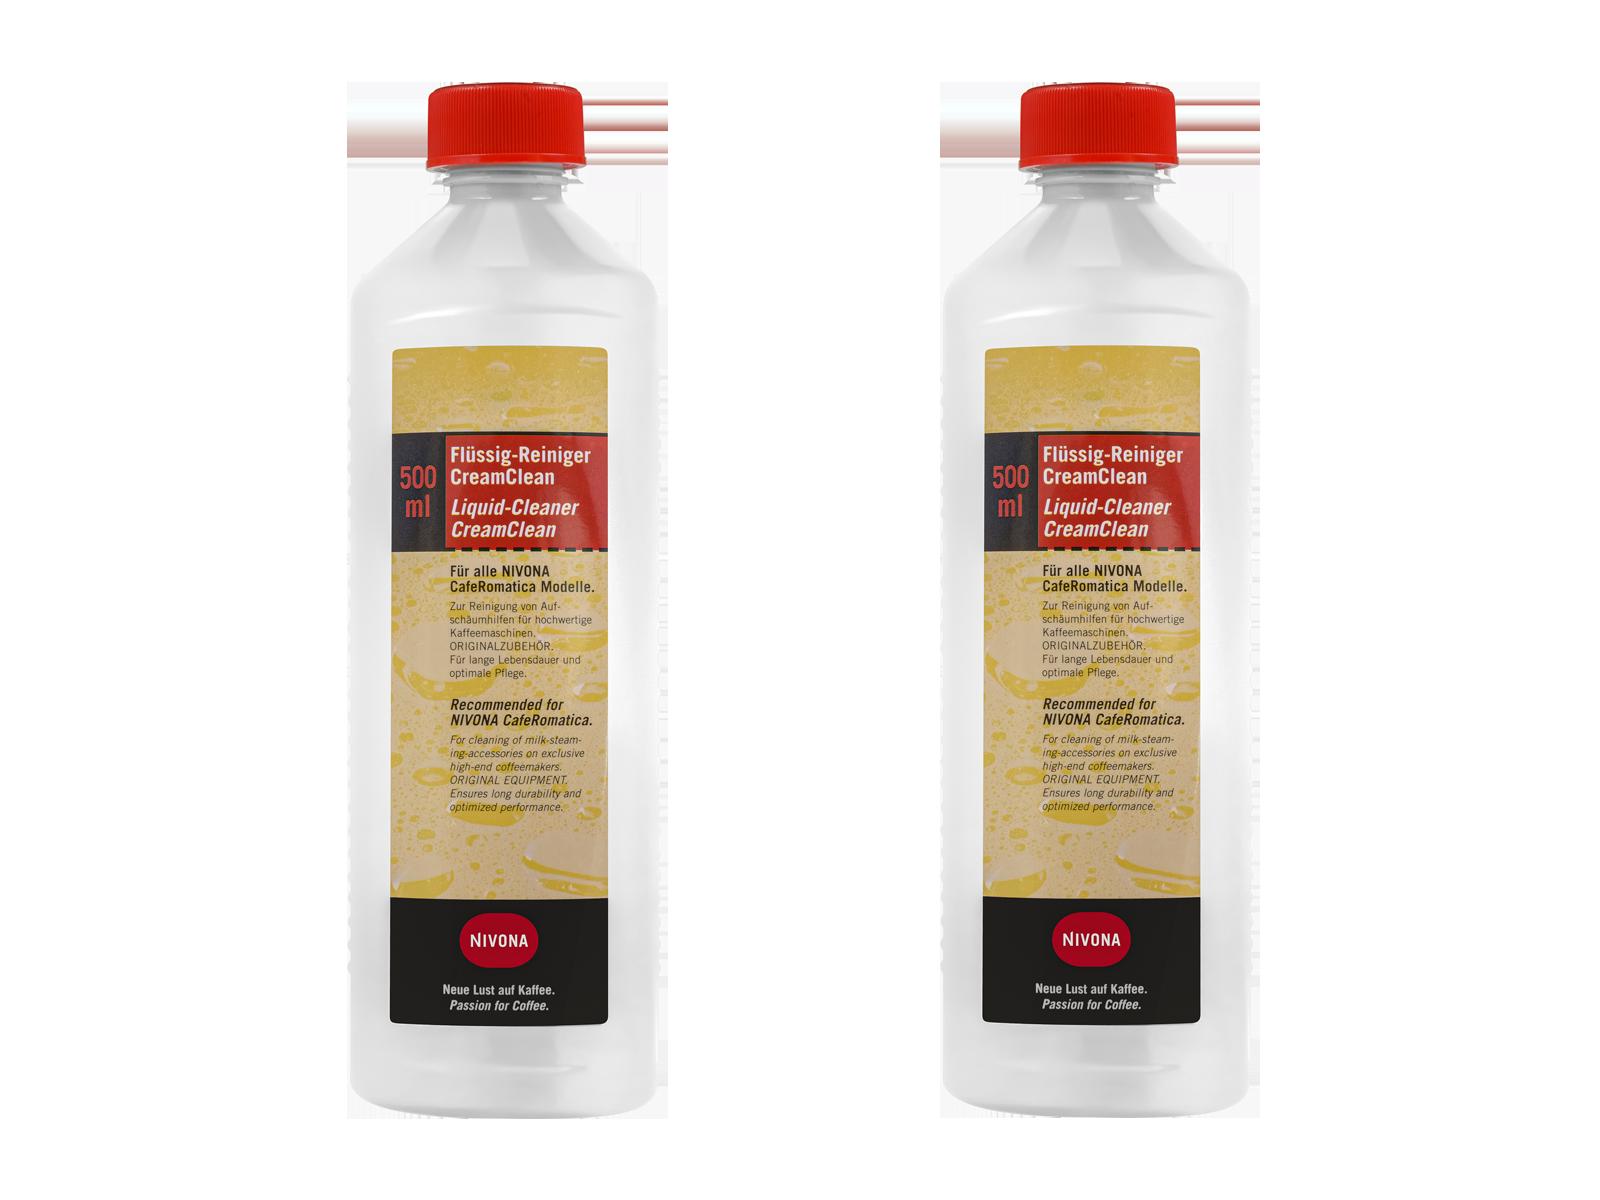 Чистящее средство для капучинатора Nivona Cream Cleaner NICC 705 2 штуки